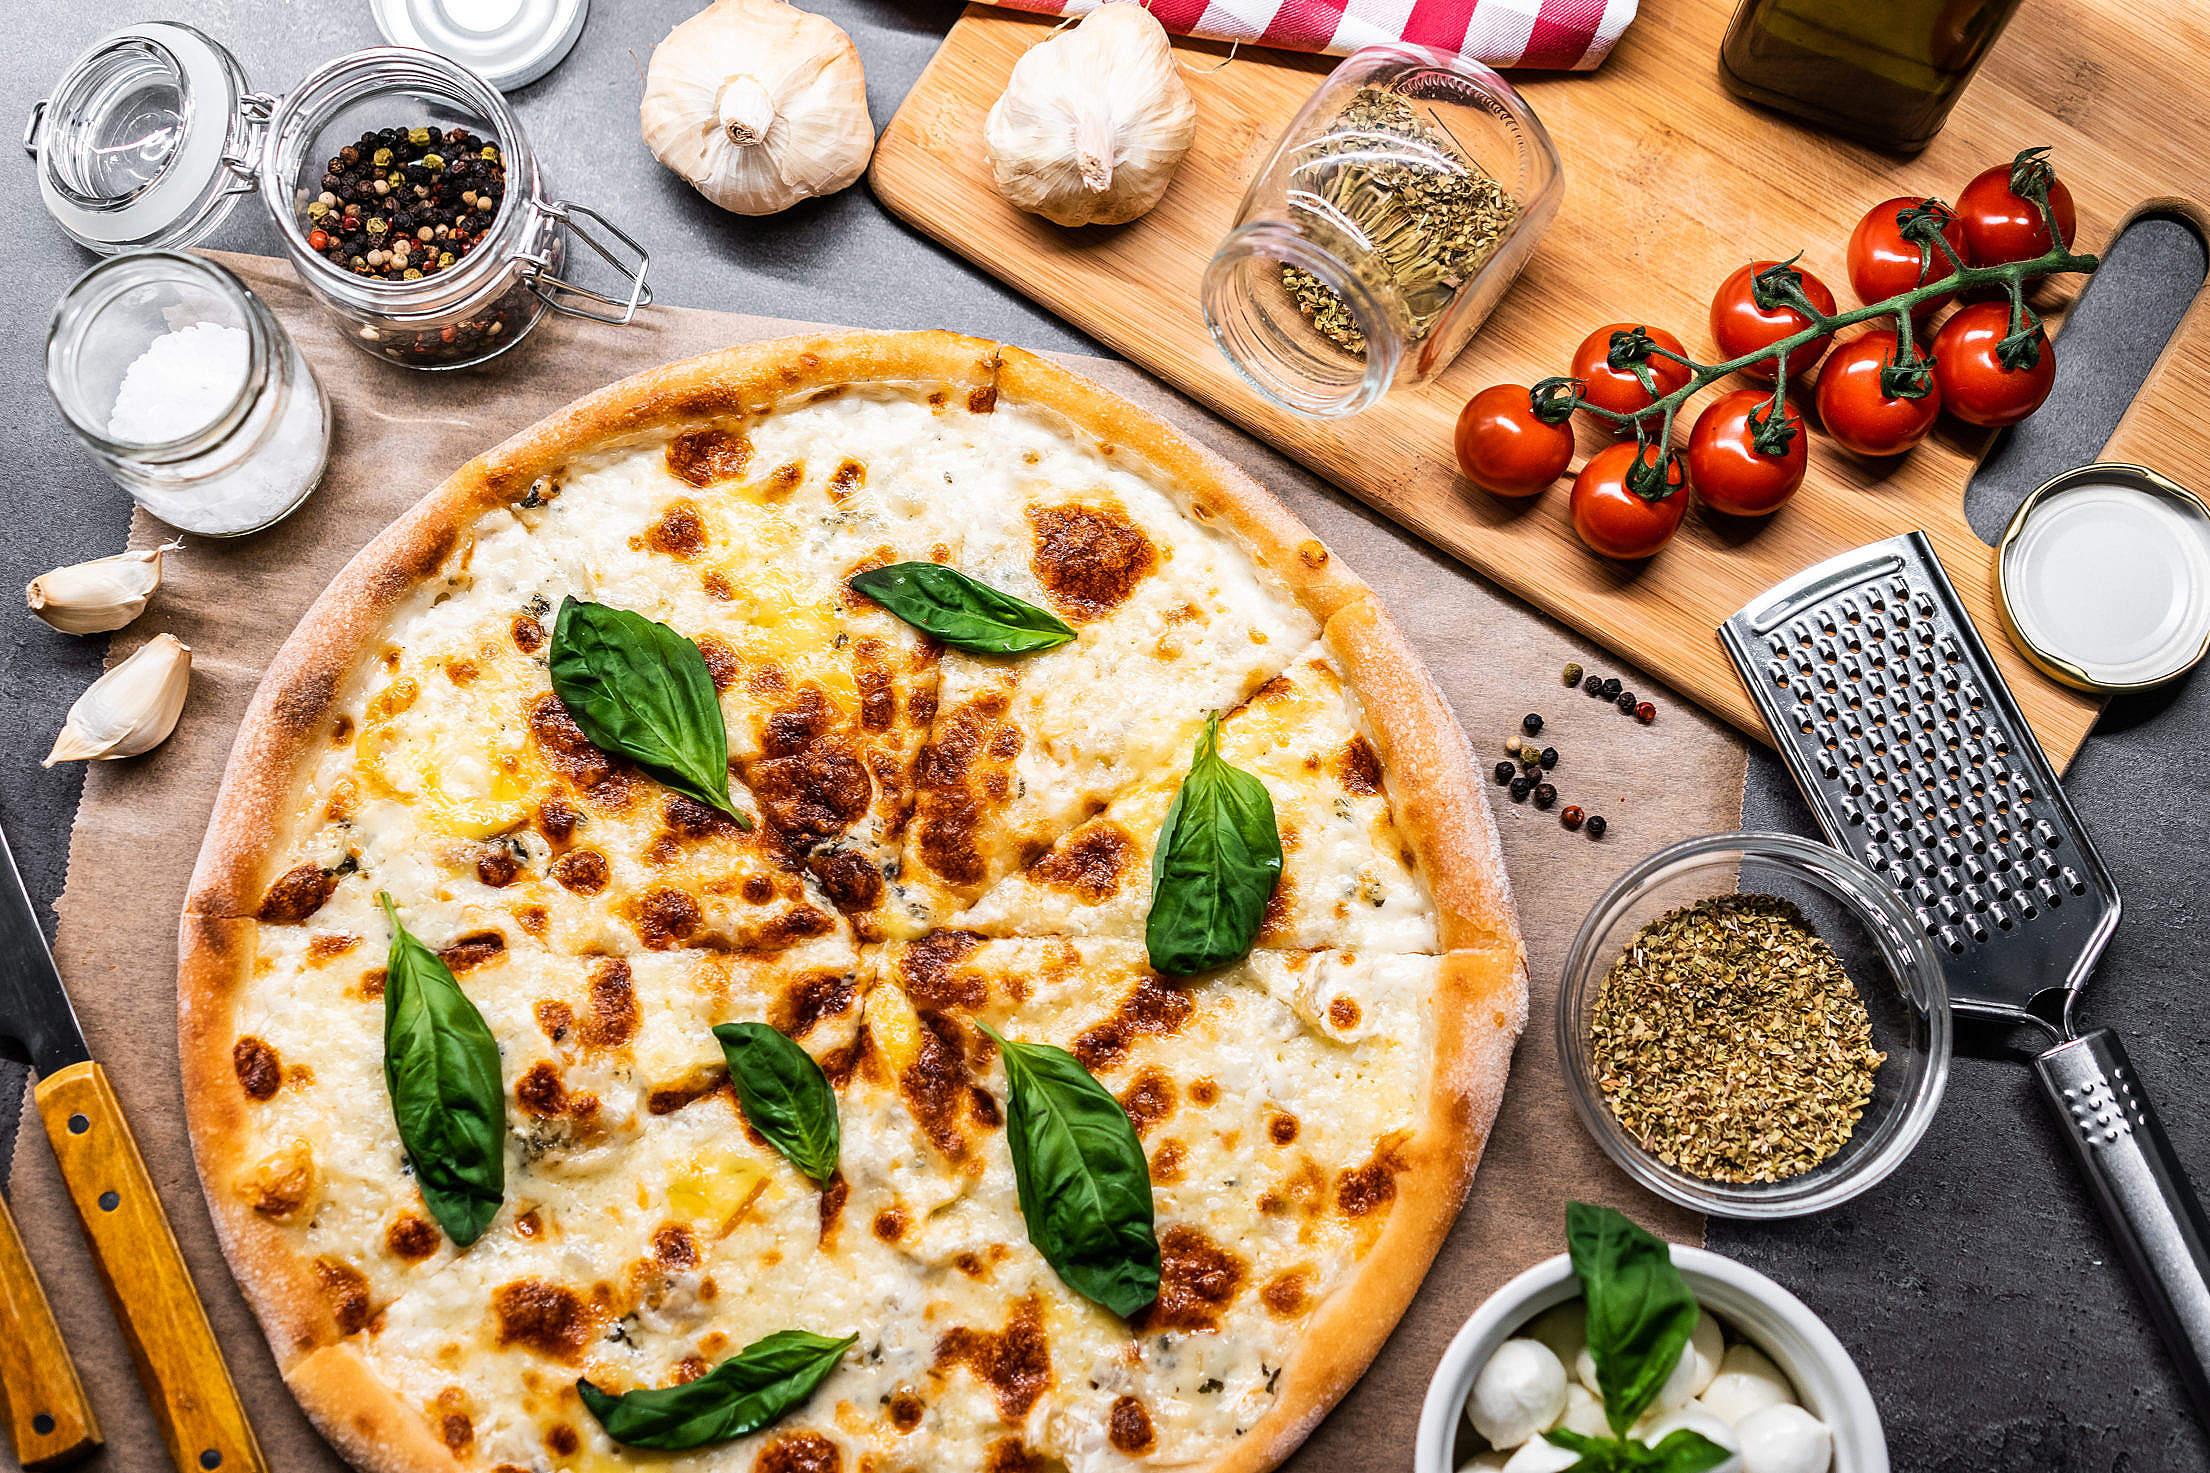 Quattro Formaggi Pizza Free Stock Photo